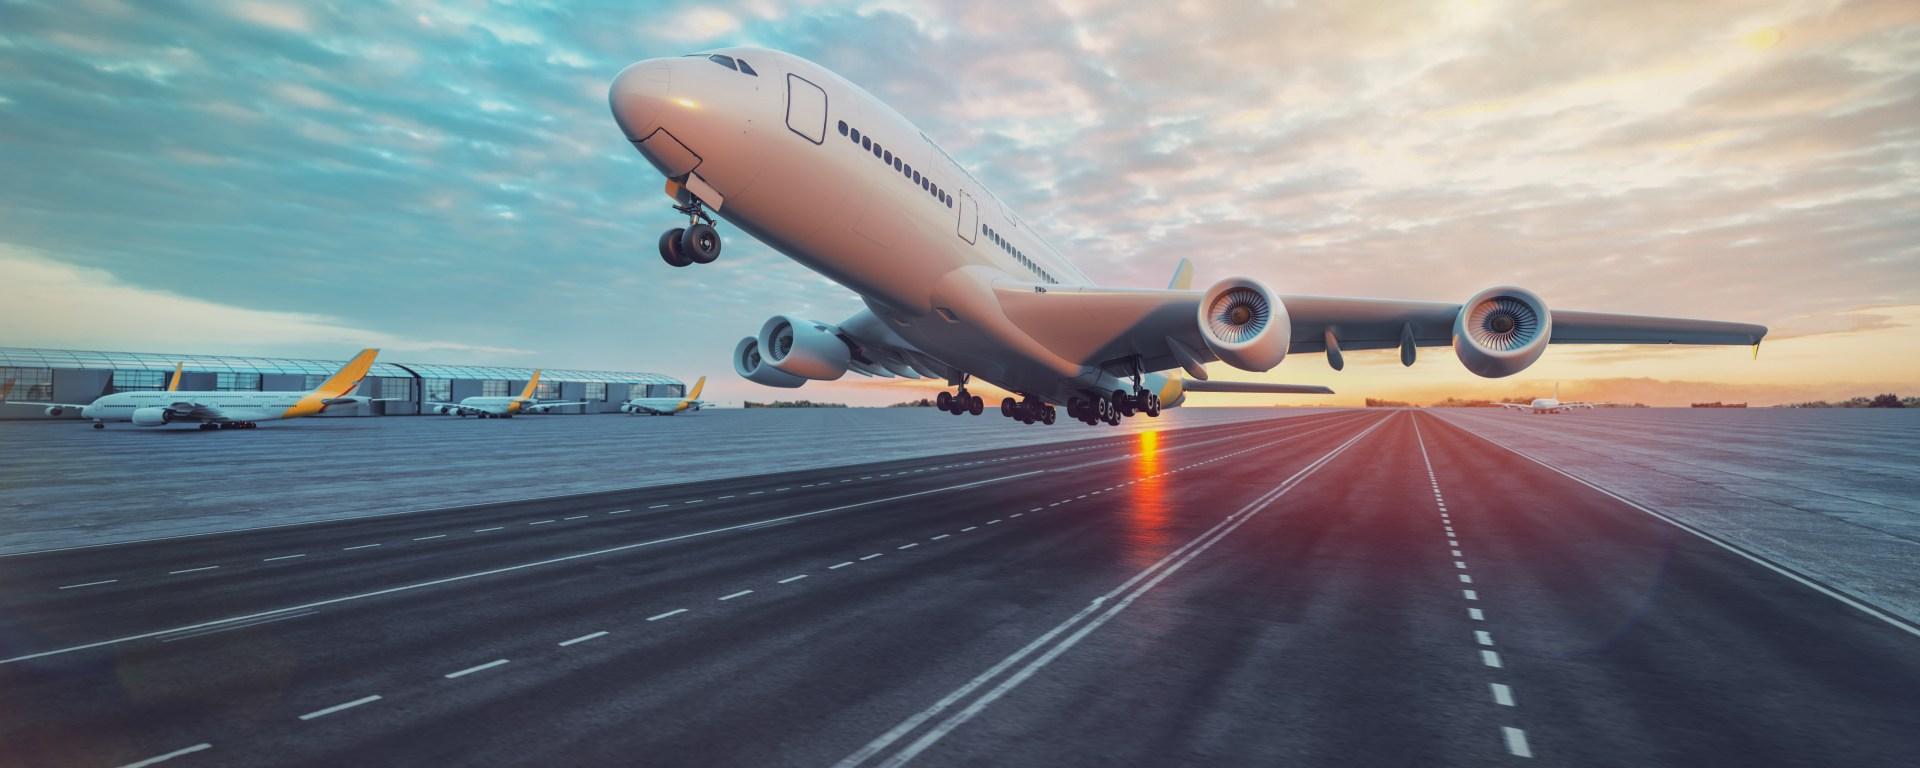 aereo al decollo